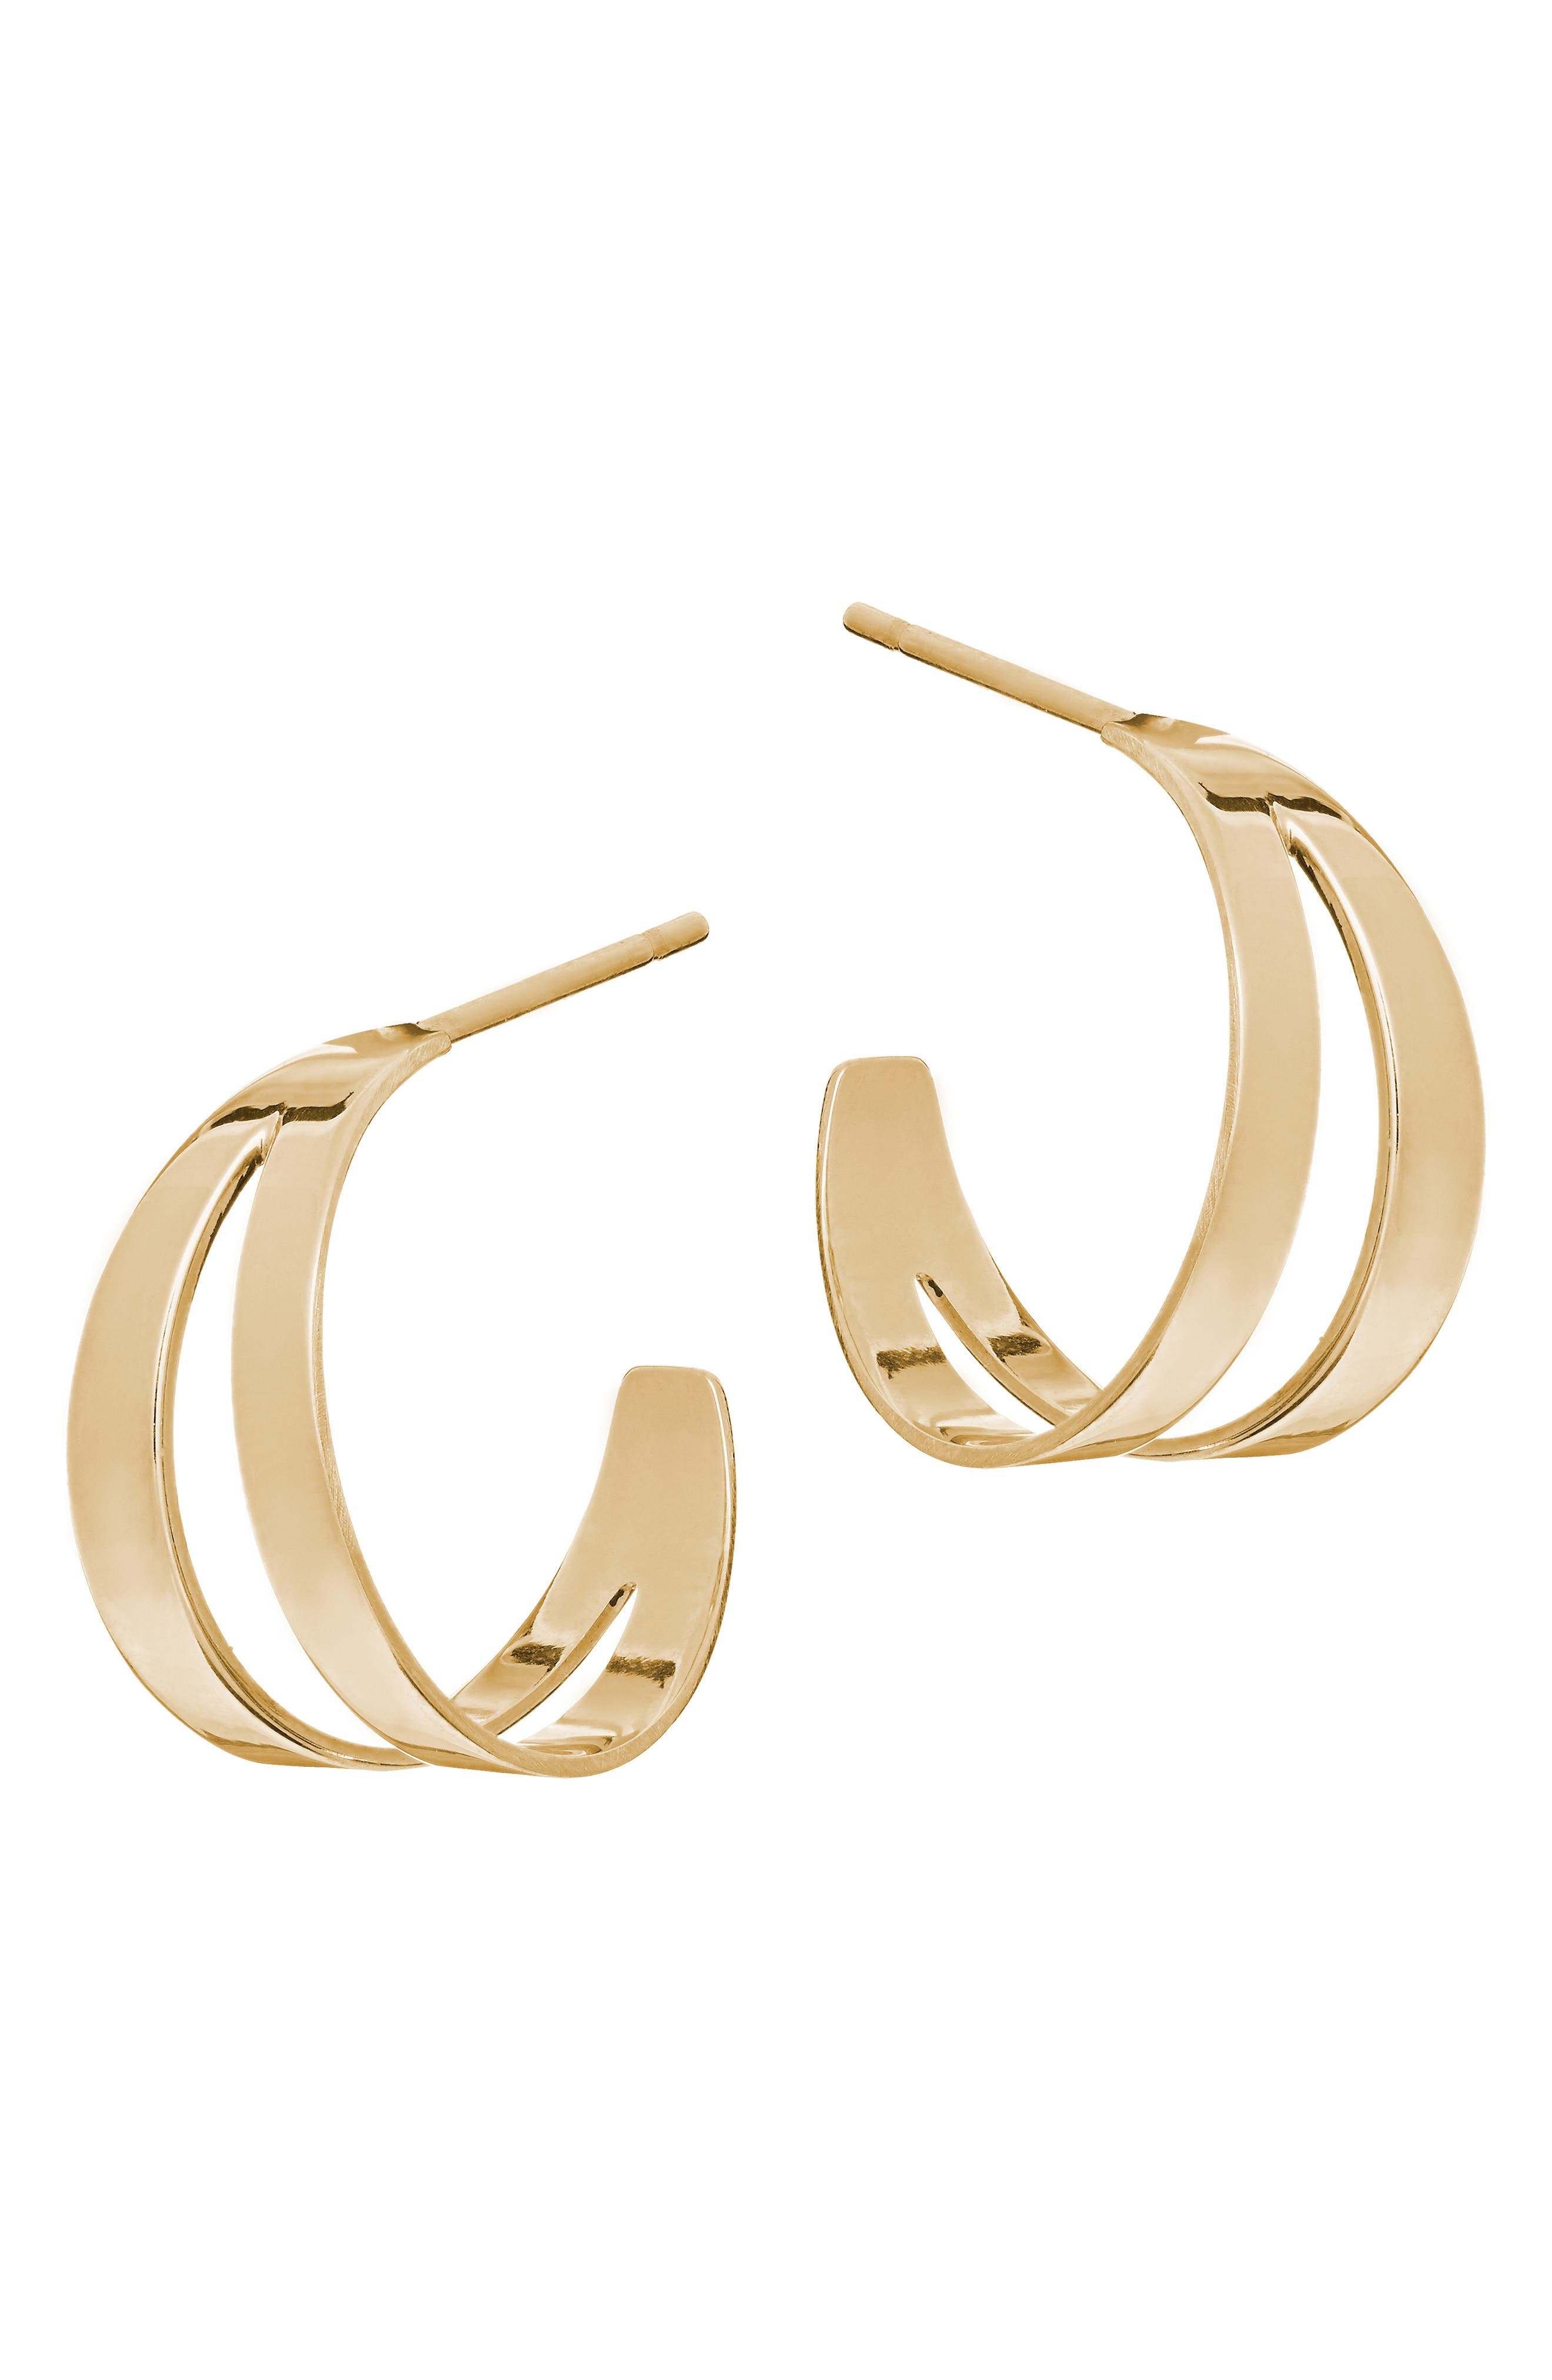 Lana Jewelry Small Hoop Earrings